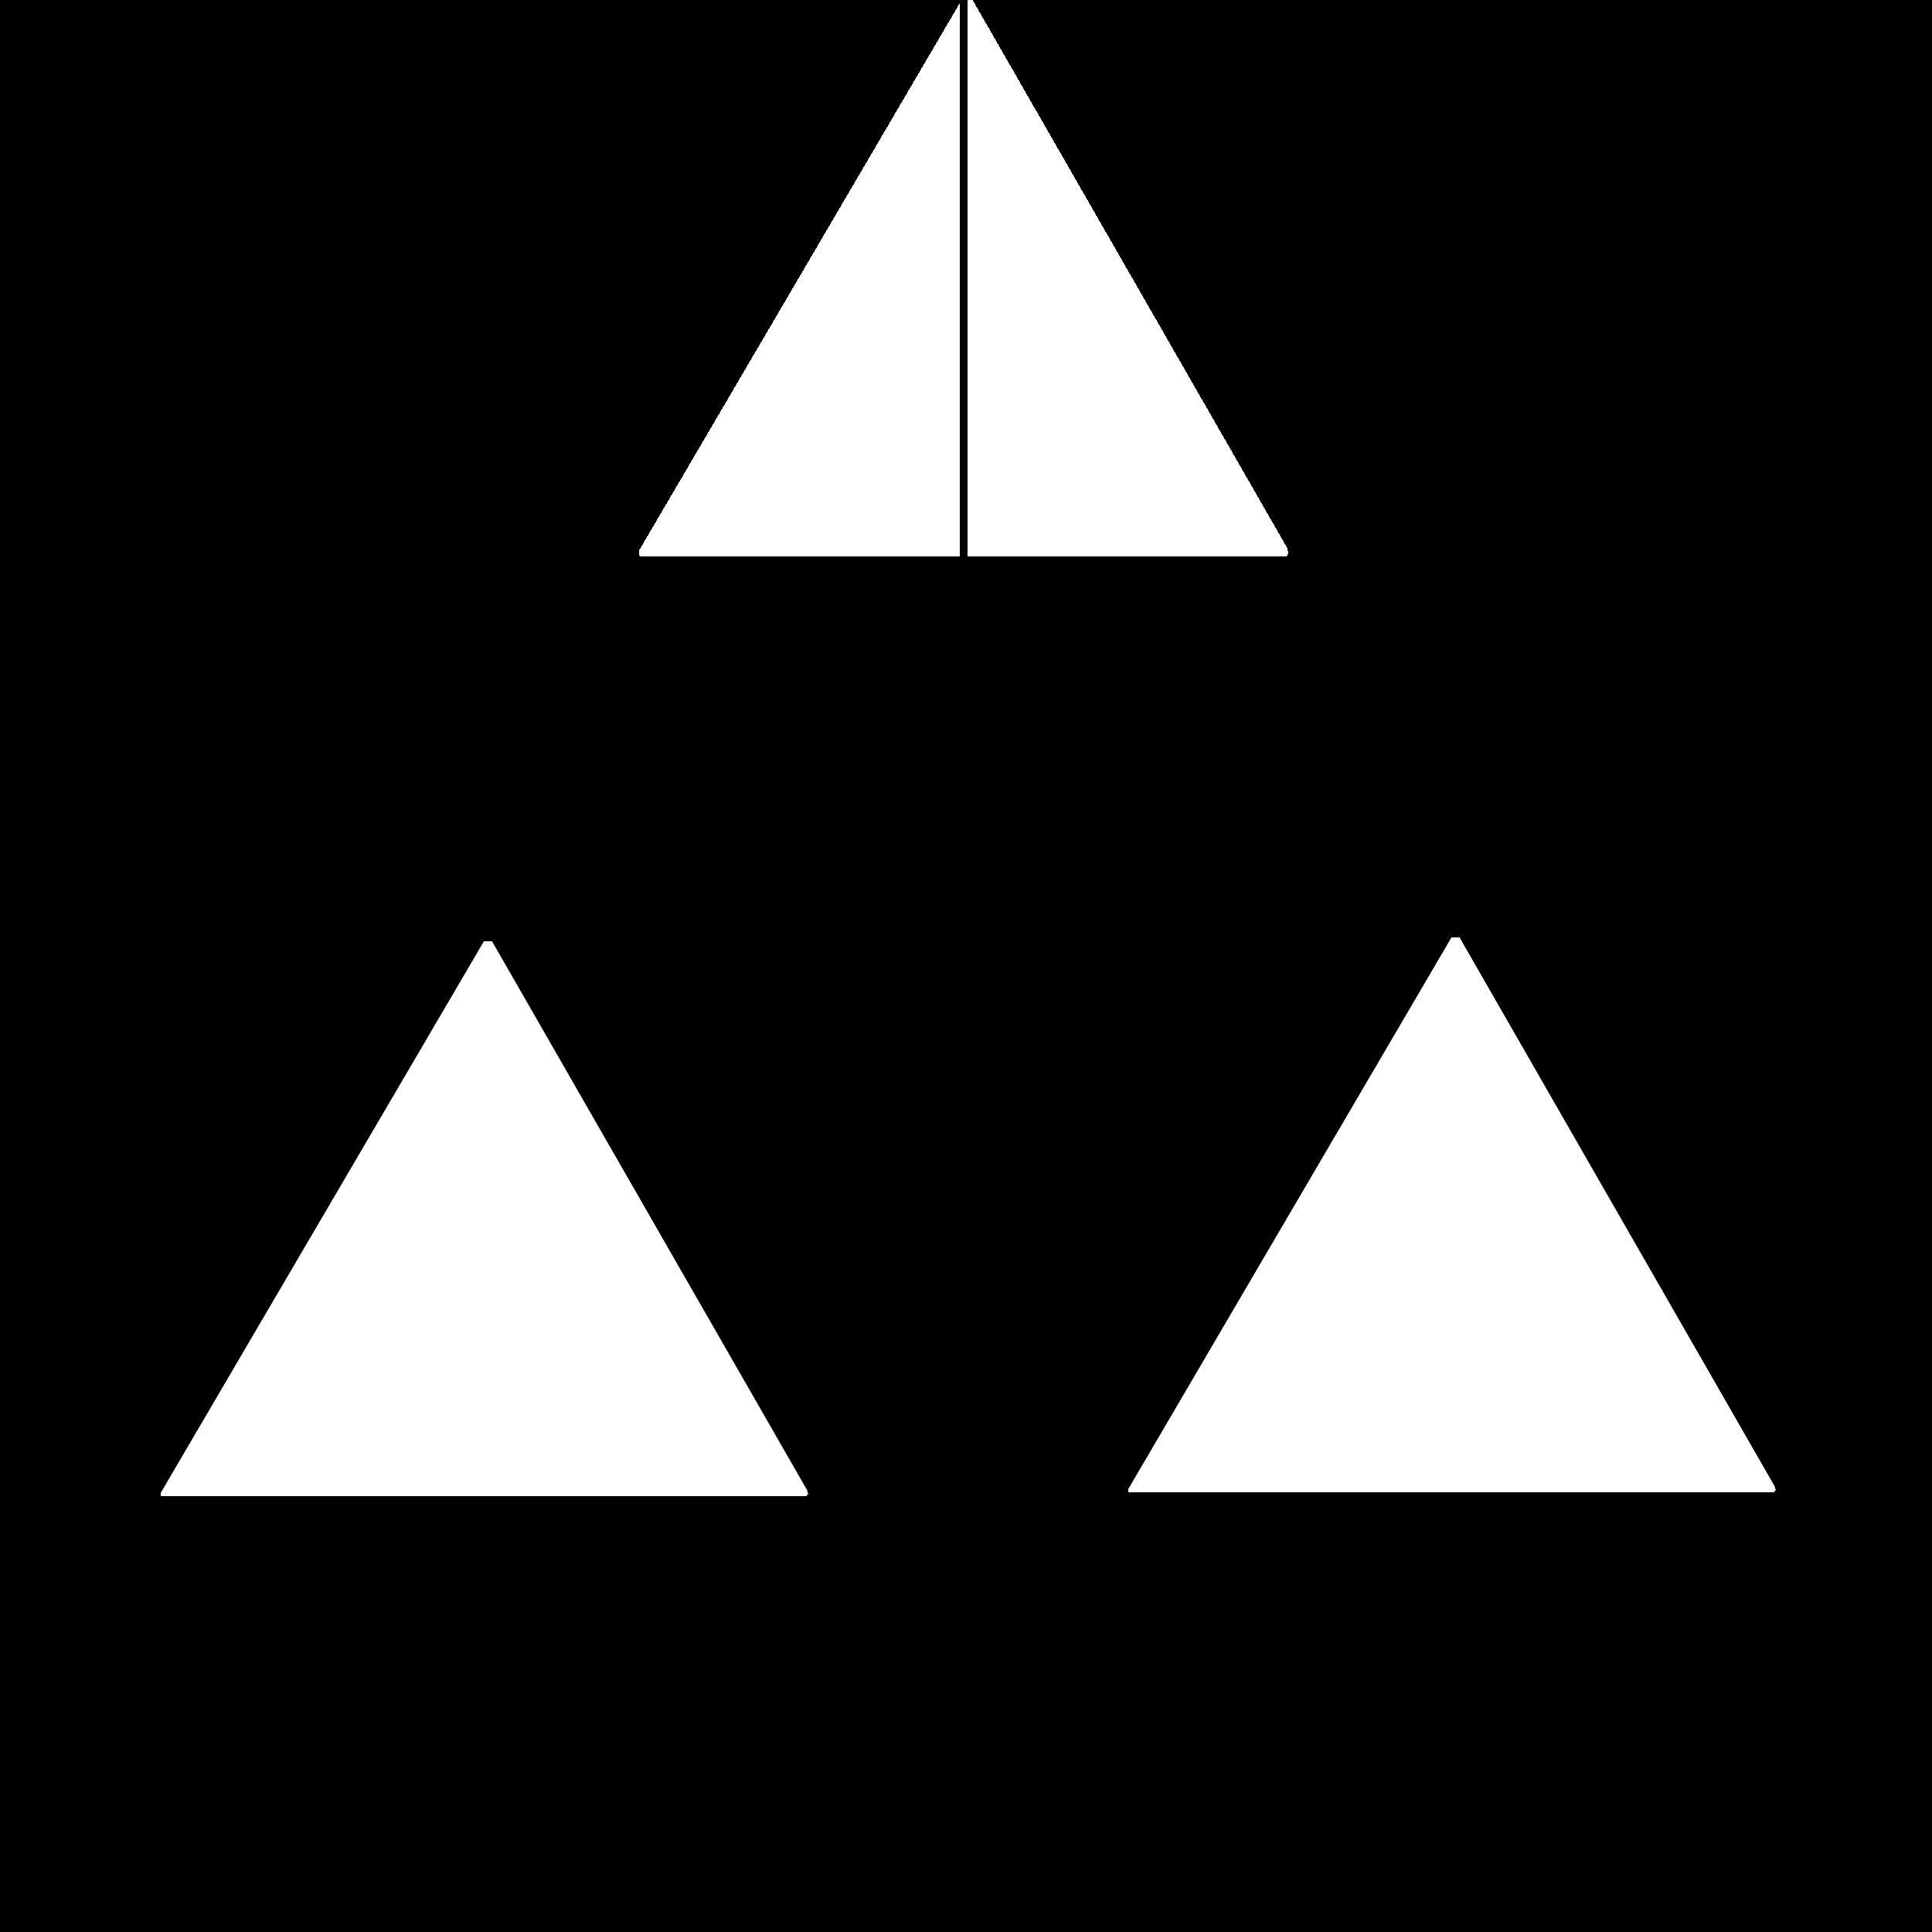 A három egyenlő oldalú háromszögből álló Hartmann maszk